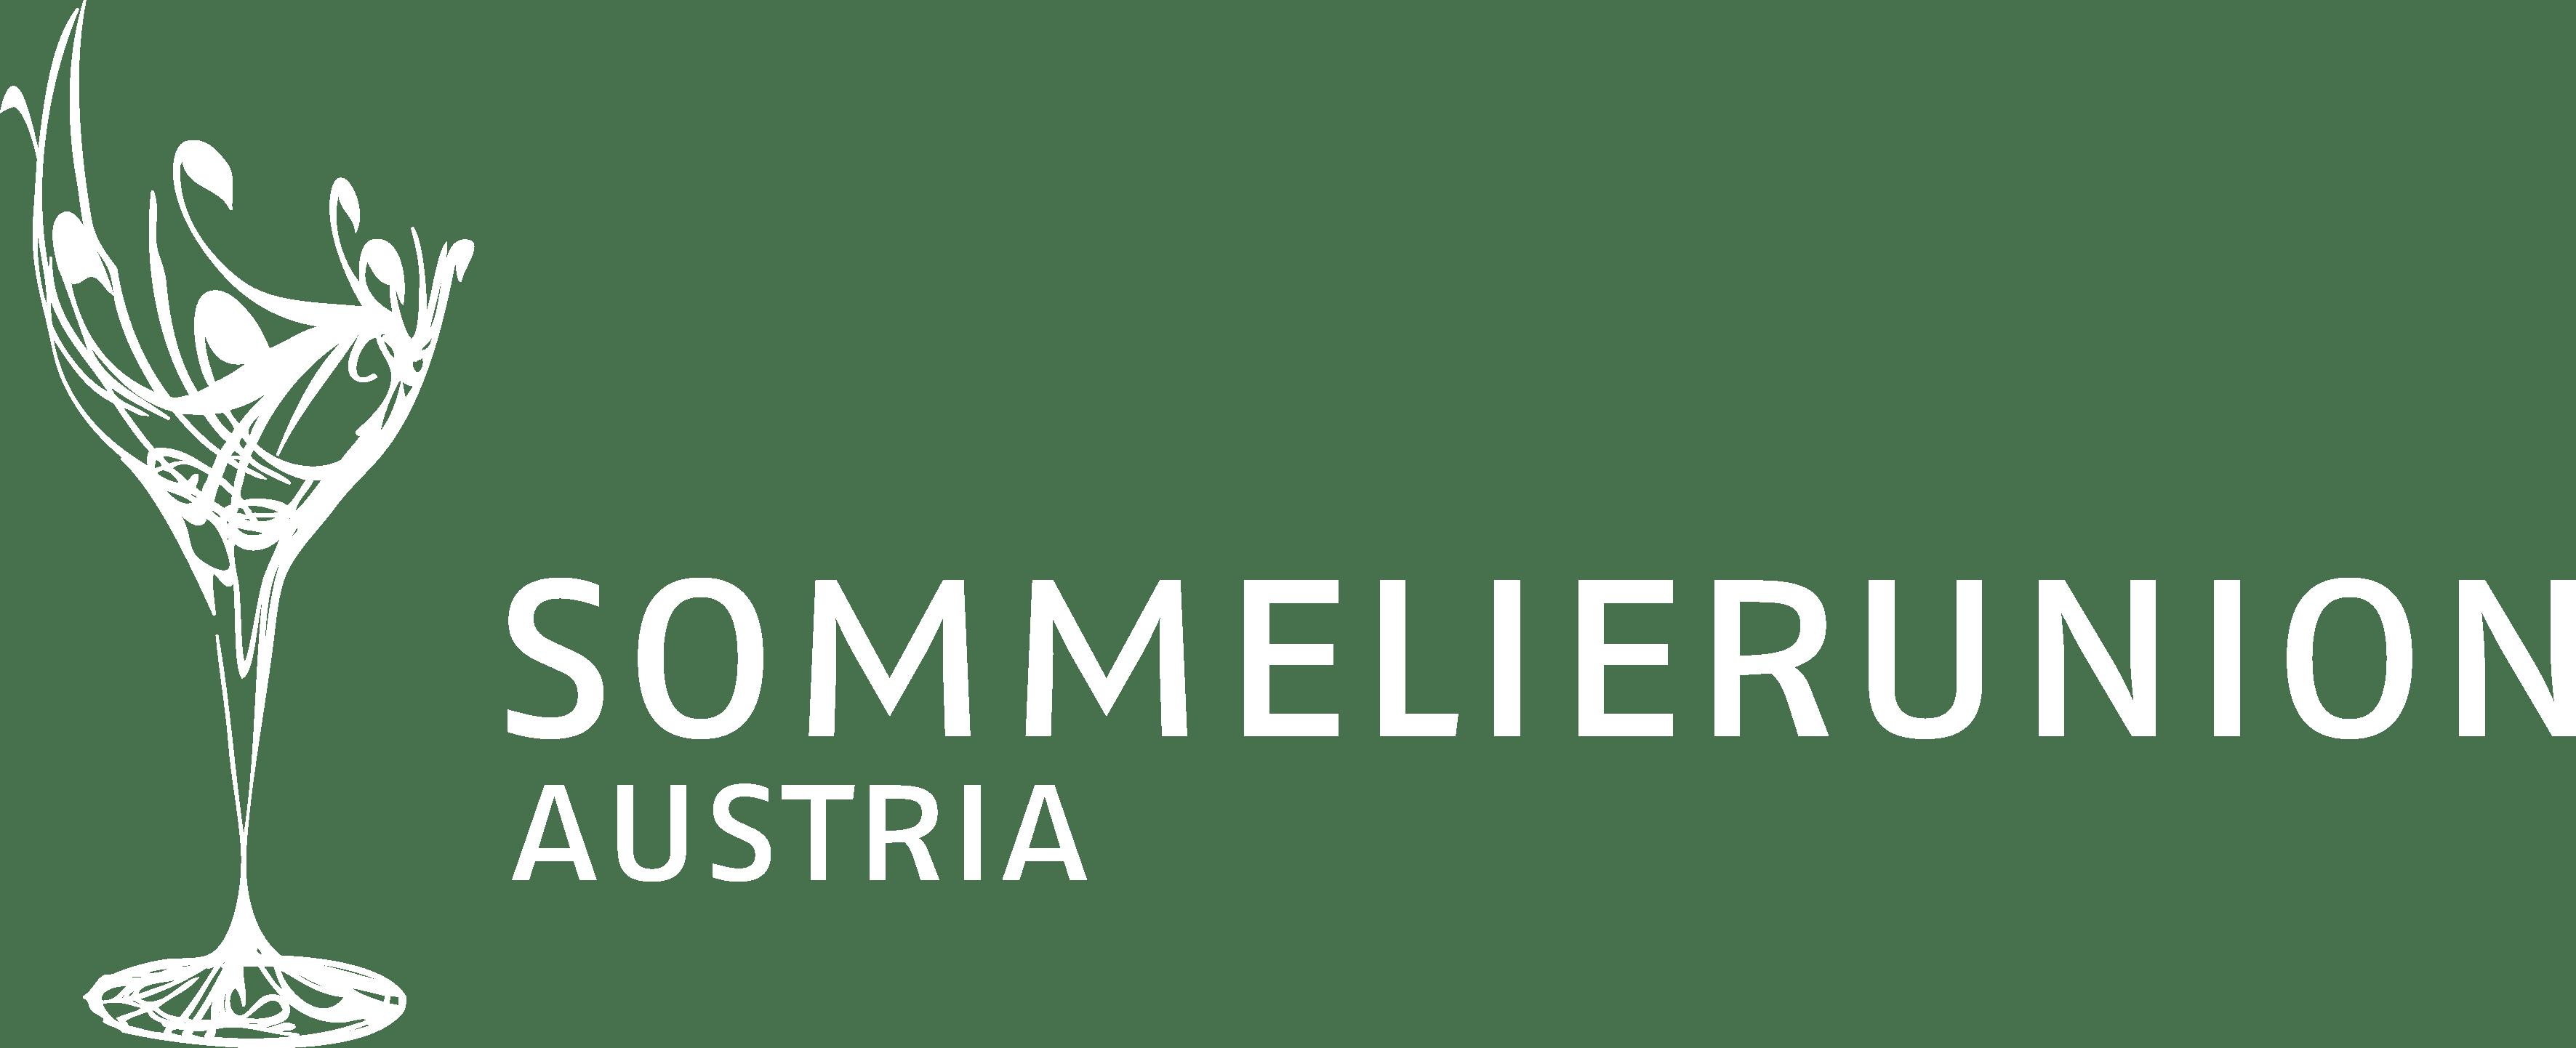 Sommelier Union Austria